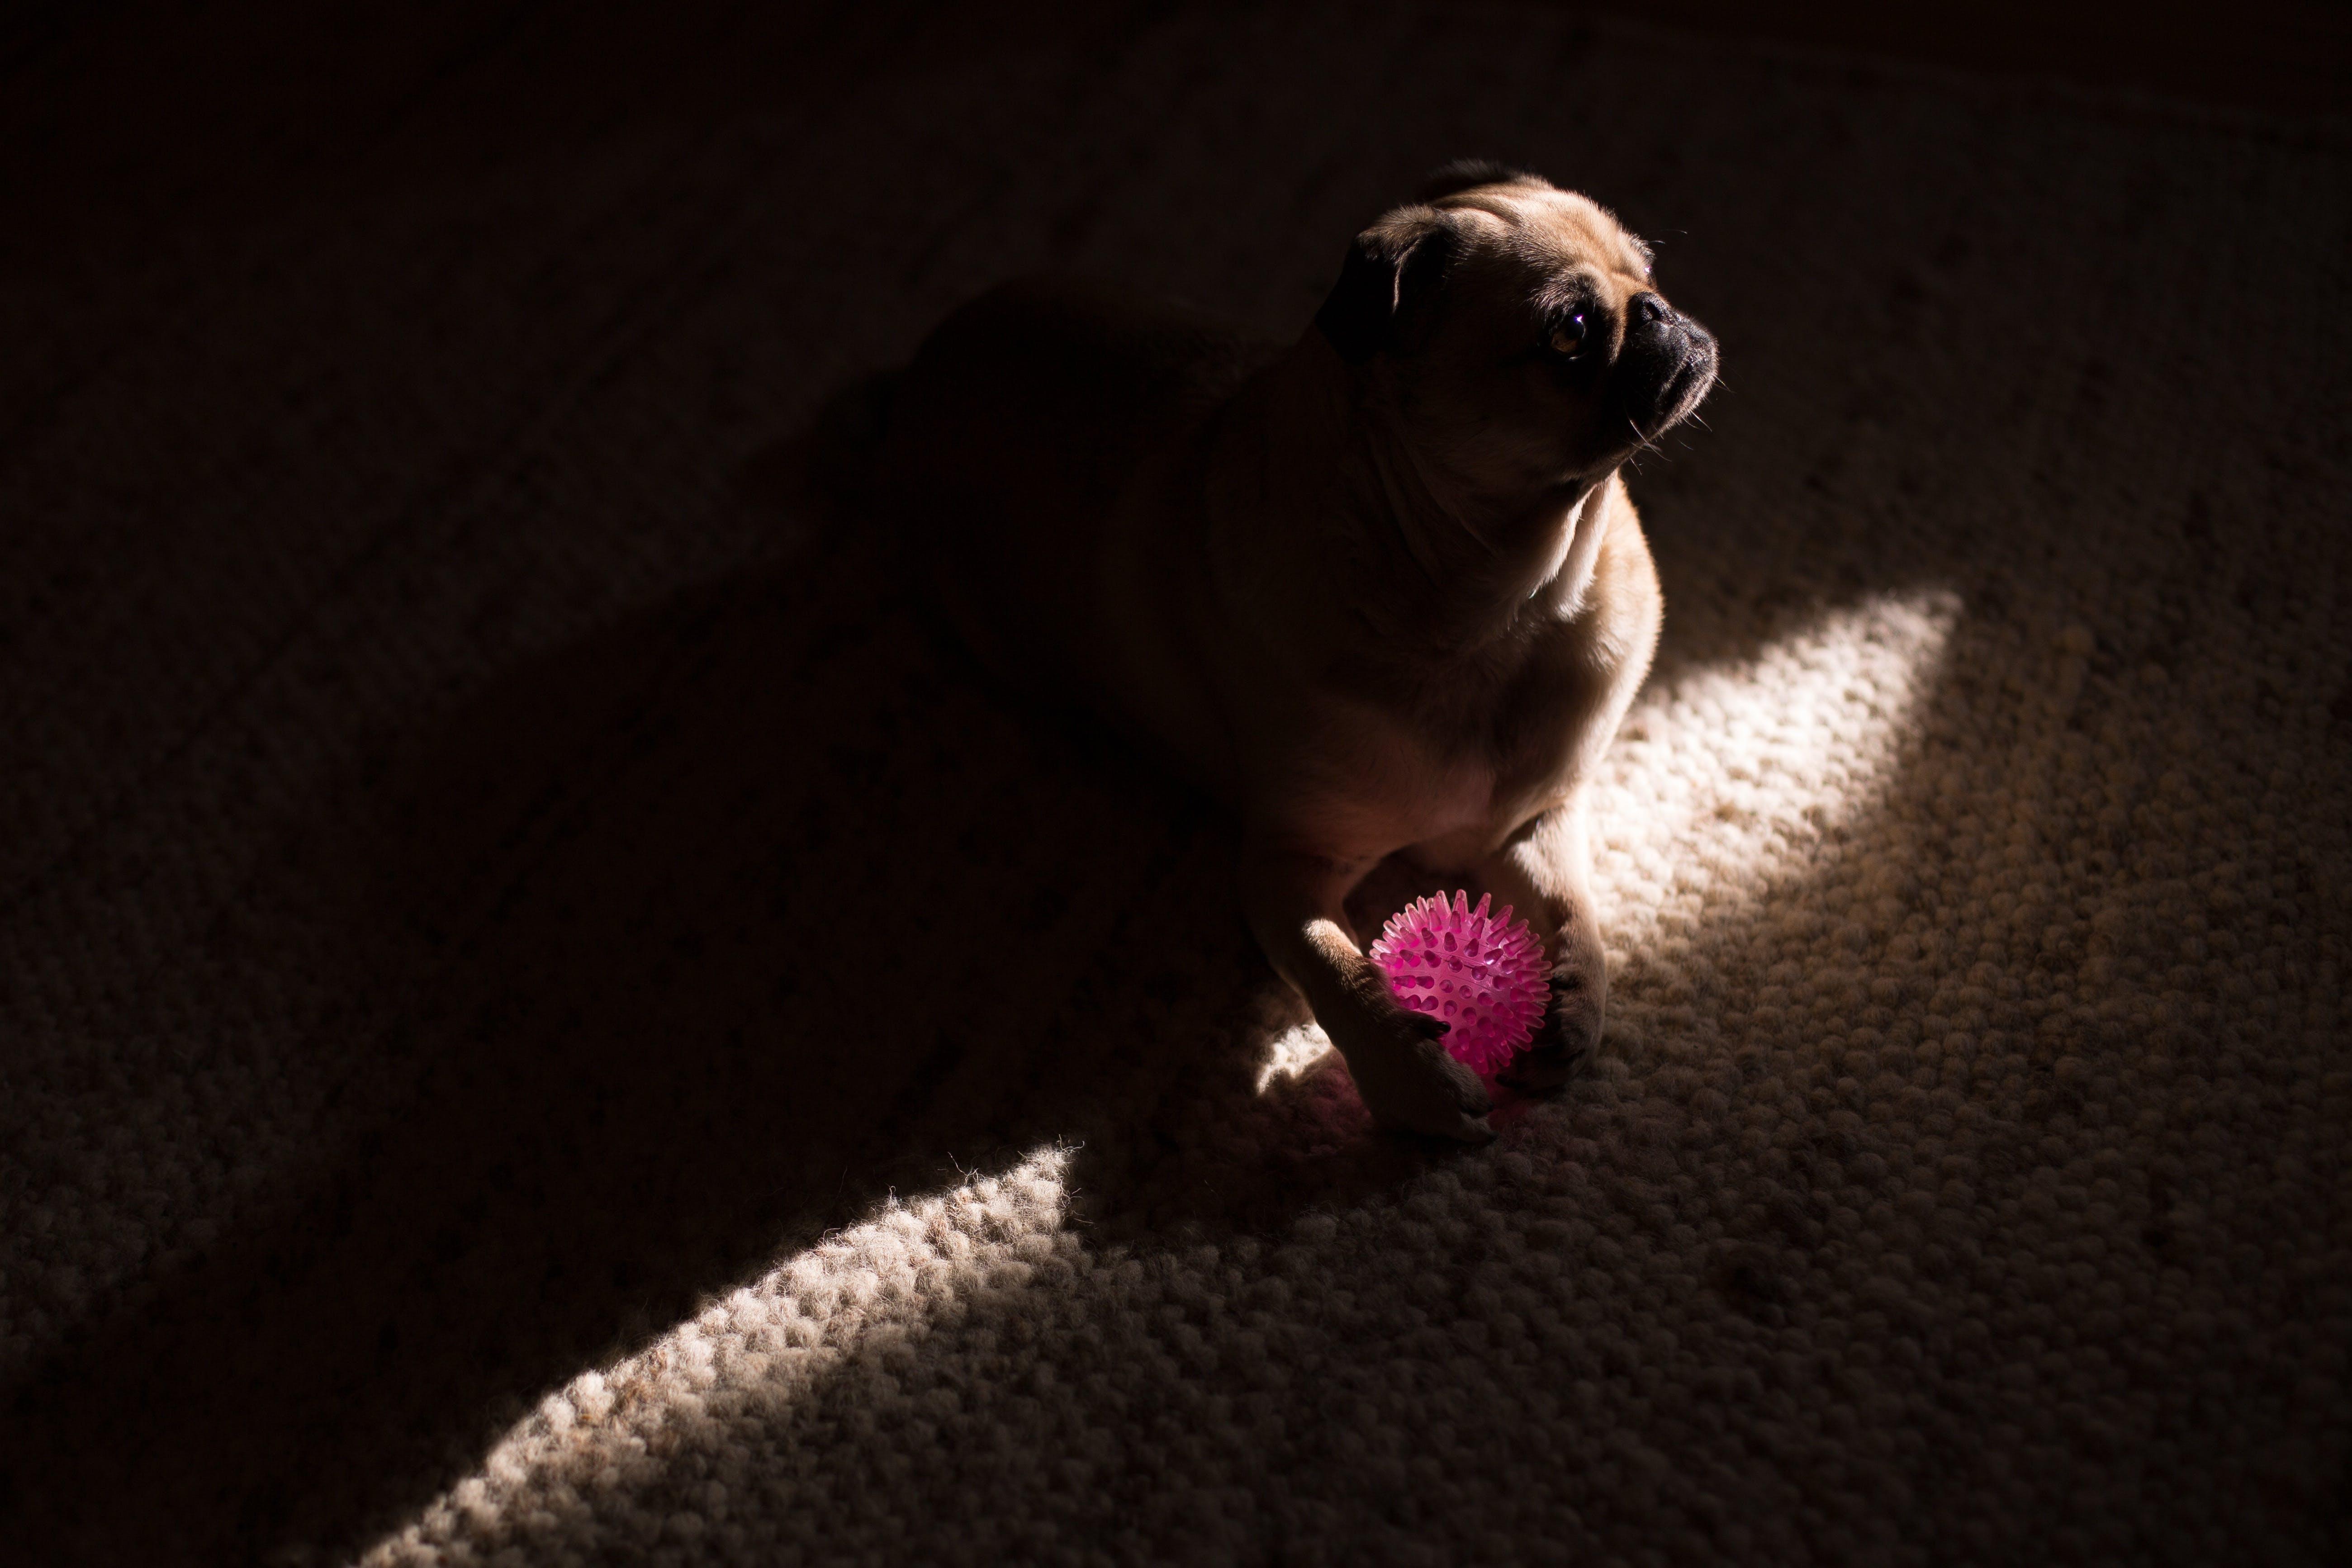 çok sevimli, doğurmak, Evcil Hayvan, hayvan içeren Ücretsiz stok fotoğraf